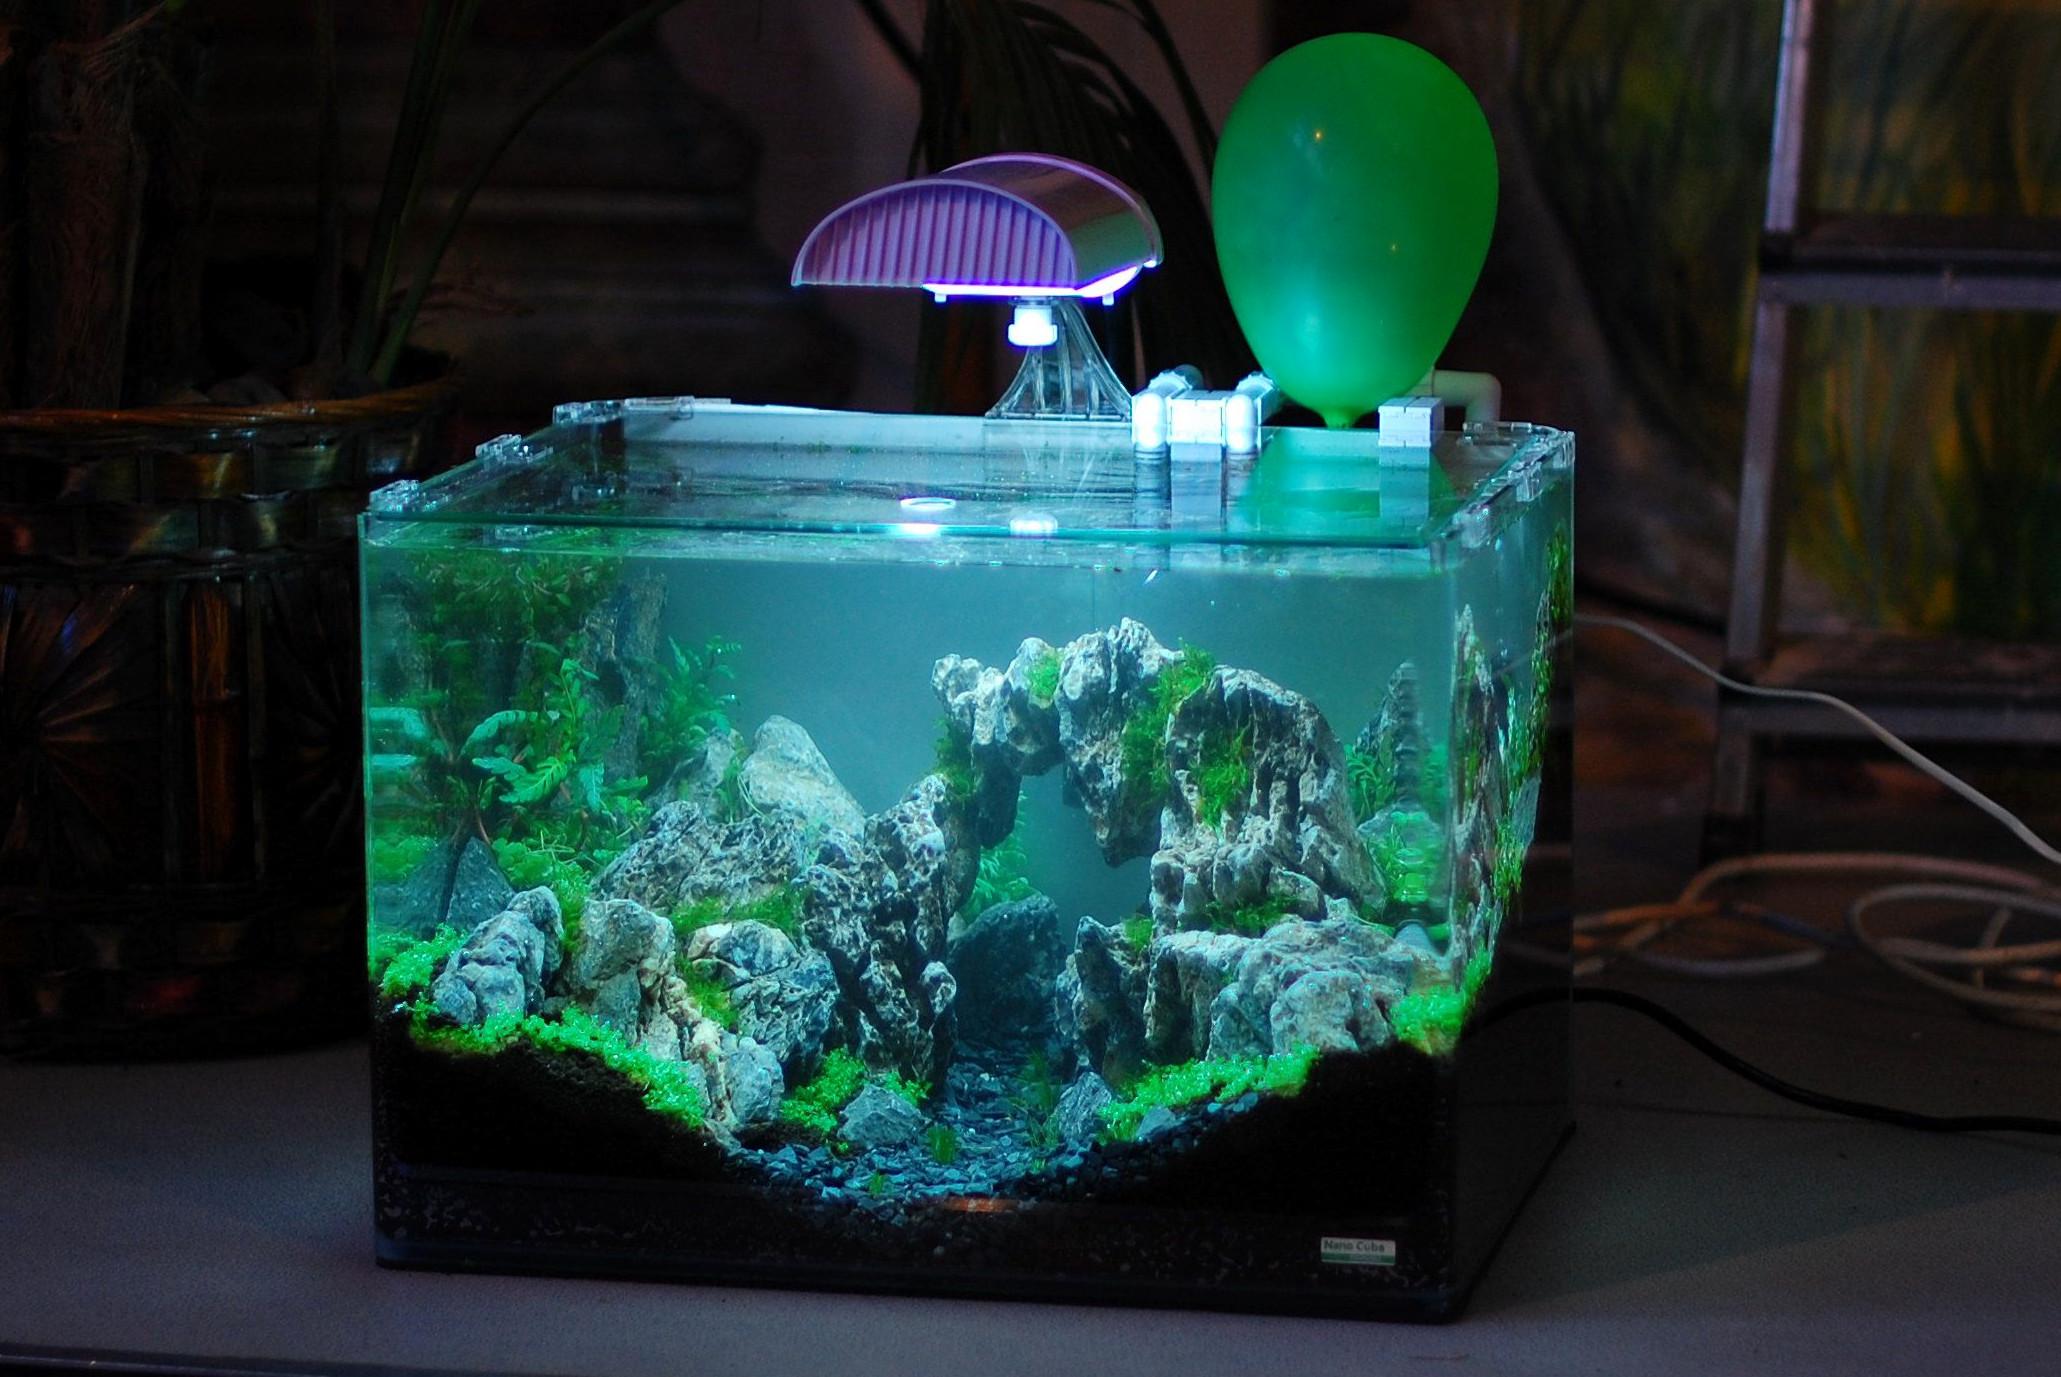 Eclairage Contre Marche Led quel éclairage choisir pour son aquarium ? - fishipedia